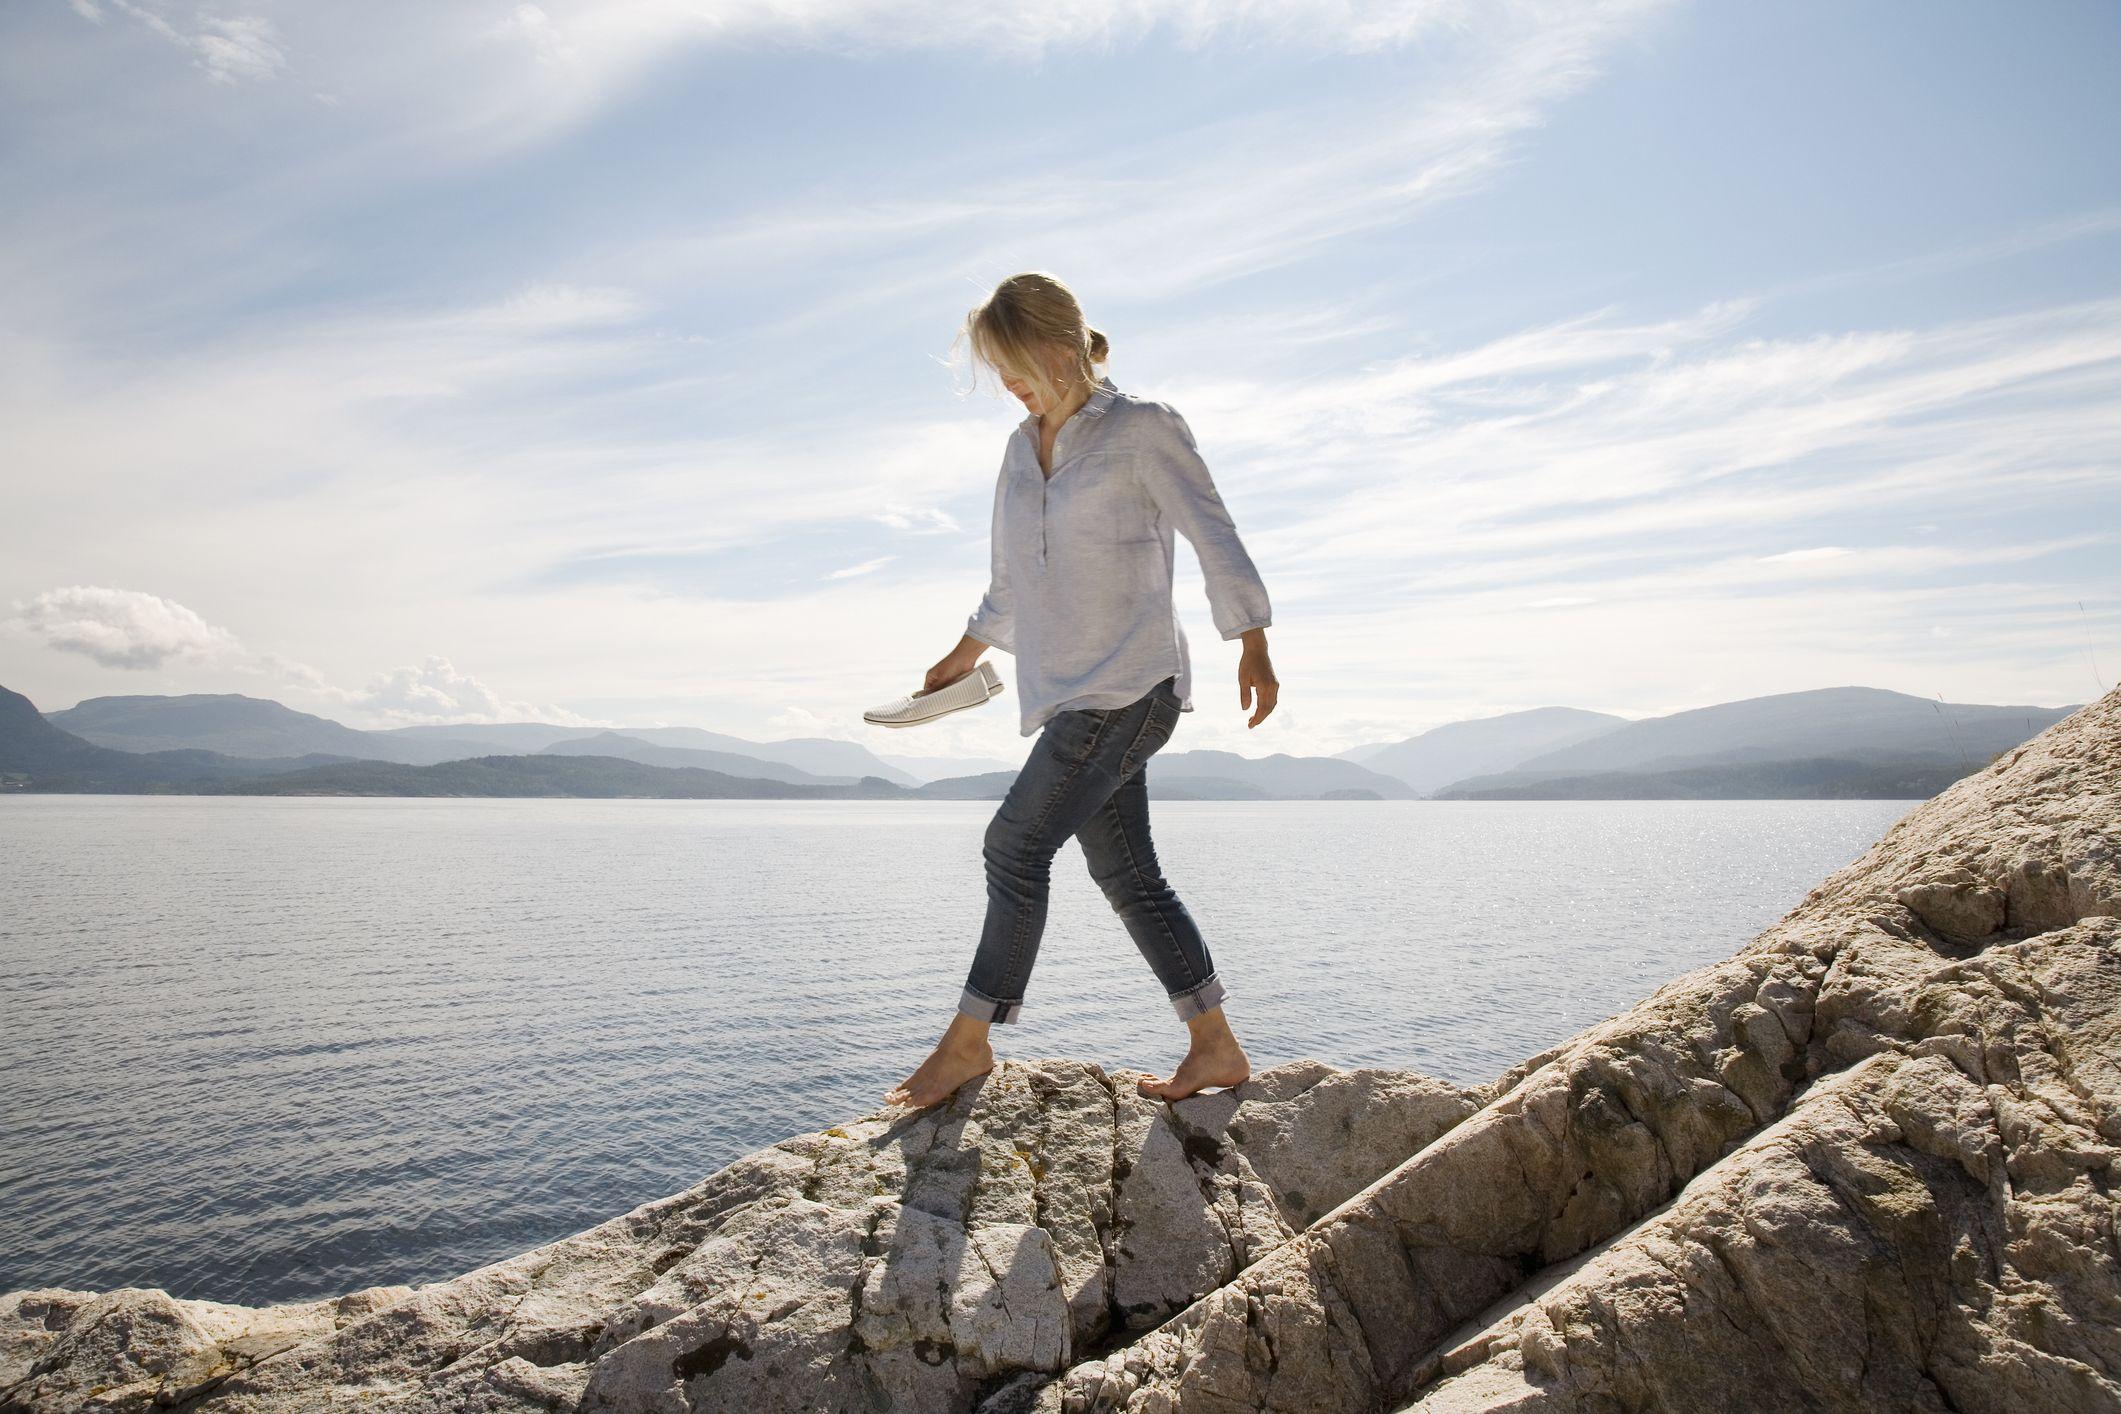 Woman walking on rocky beach by sea